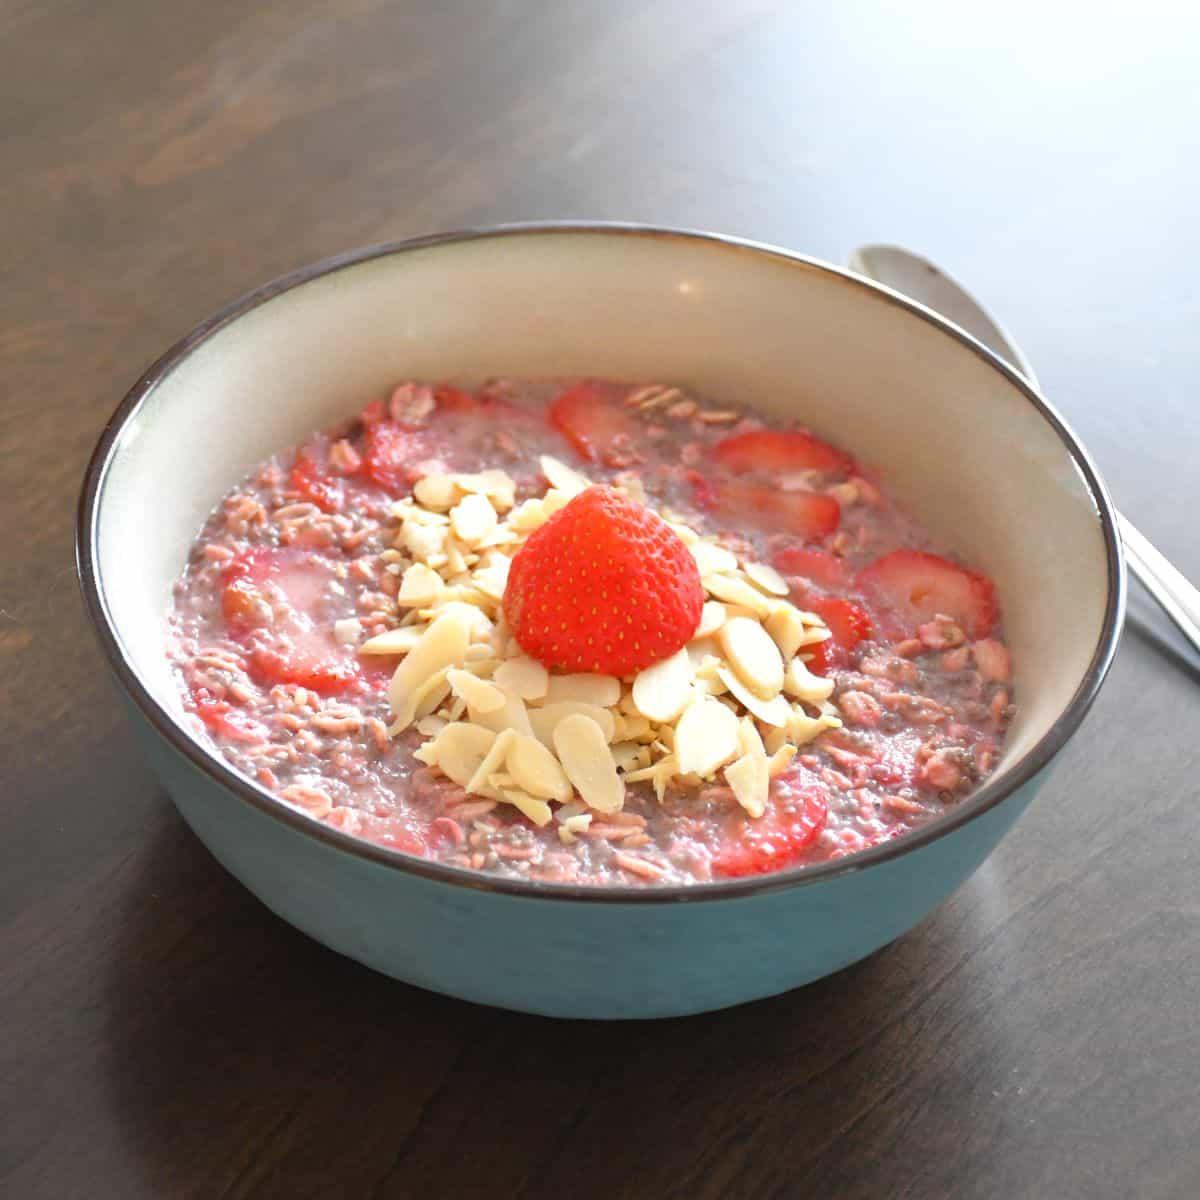 Gros plan sur le résultat final du gruau overnight aux fraises garnie d'amandes tranchées et d'une fraise fraîche dans un bol en céramique bleu.